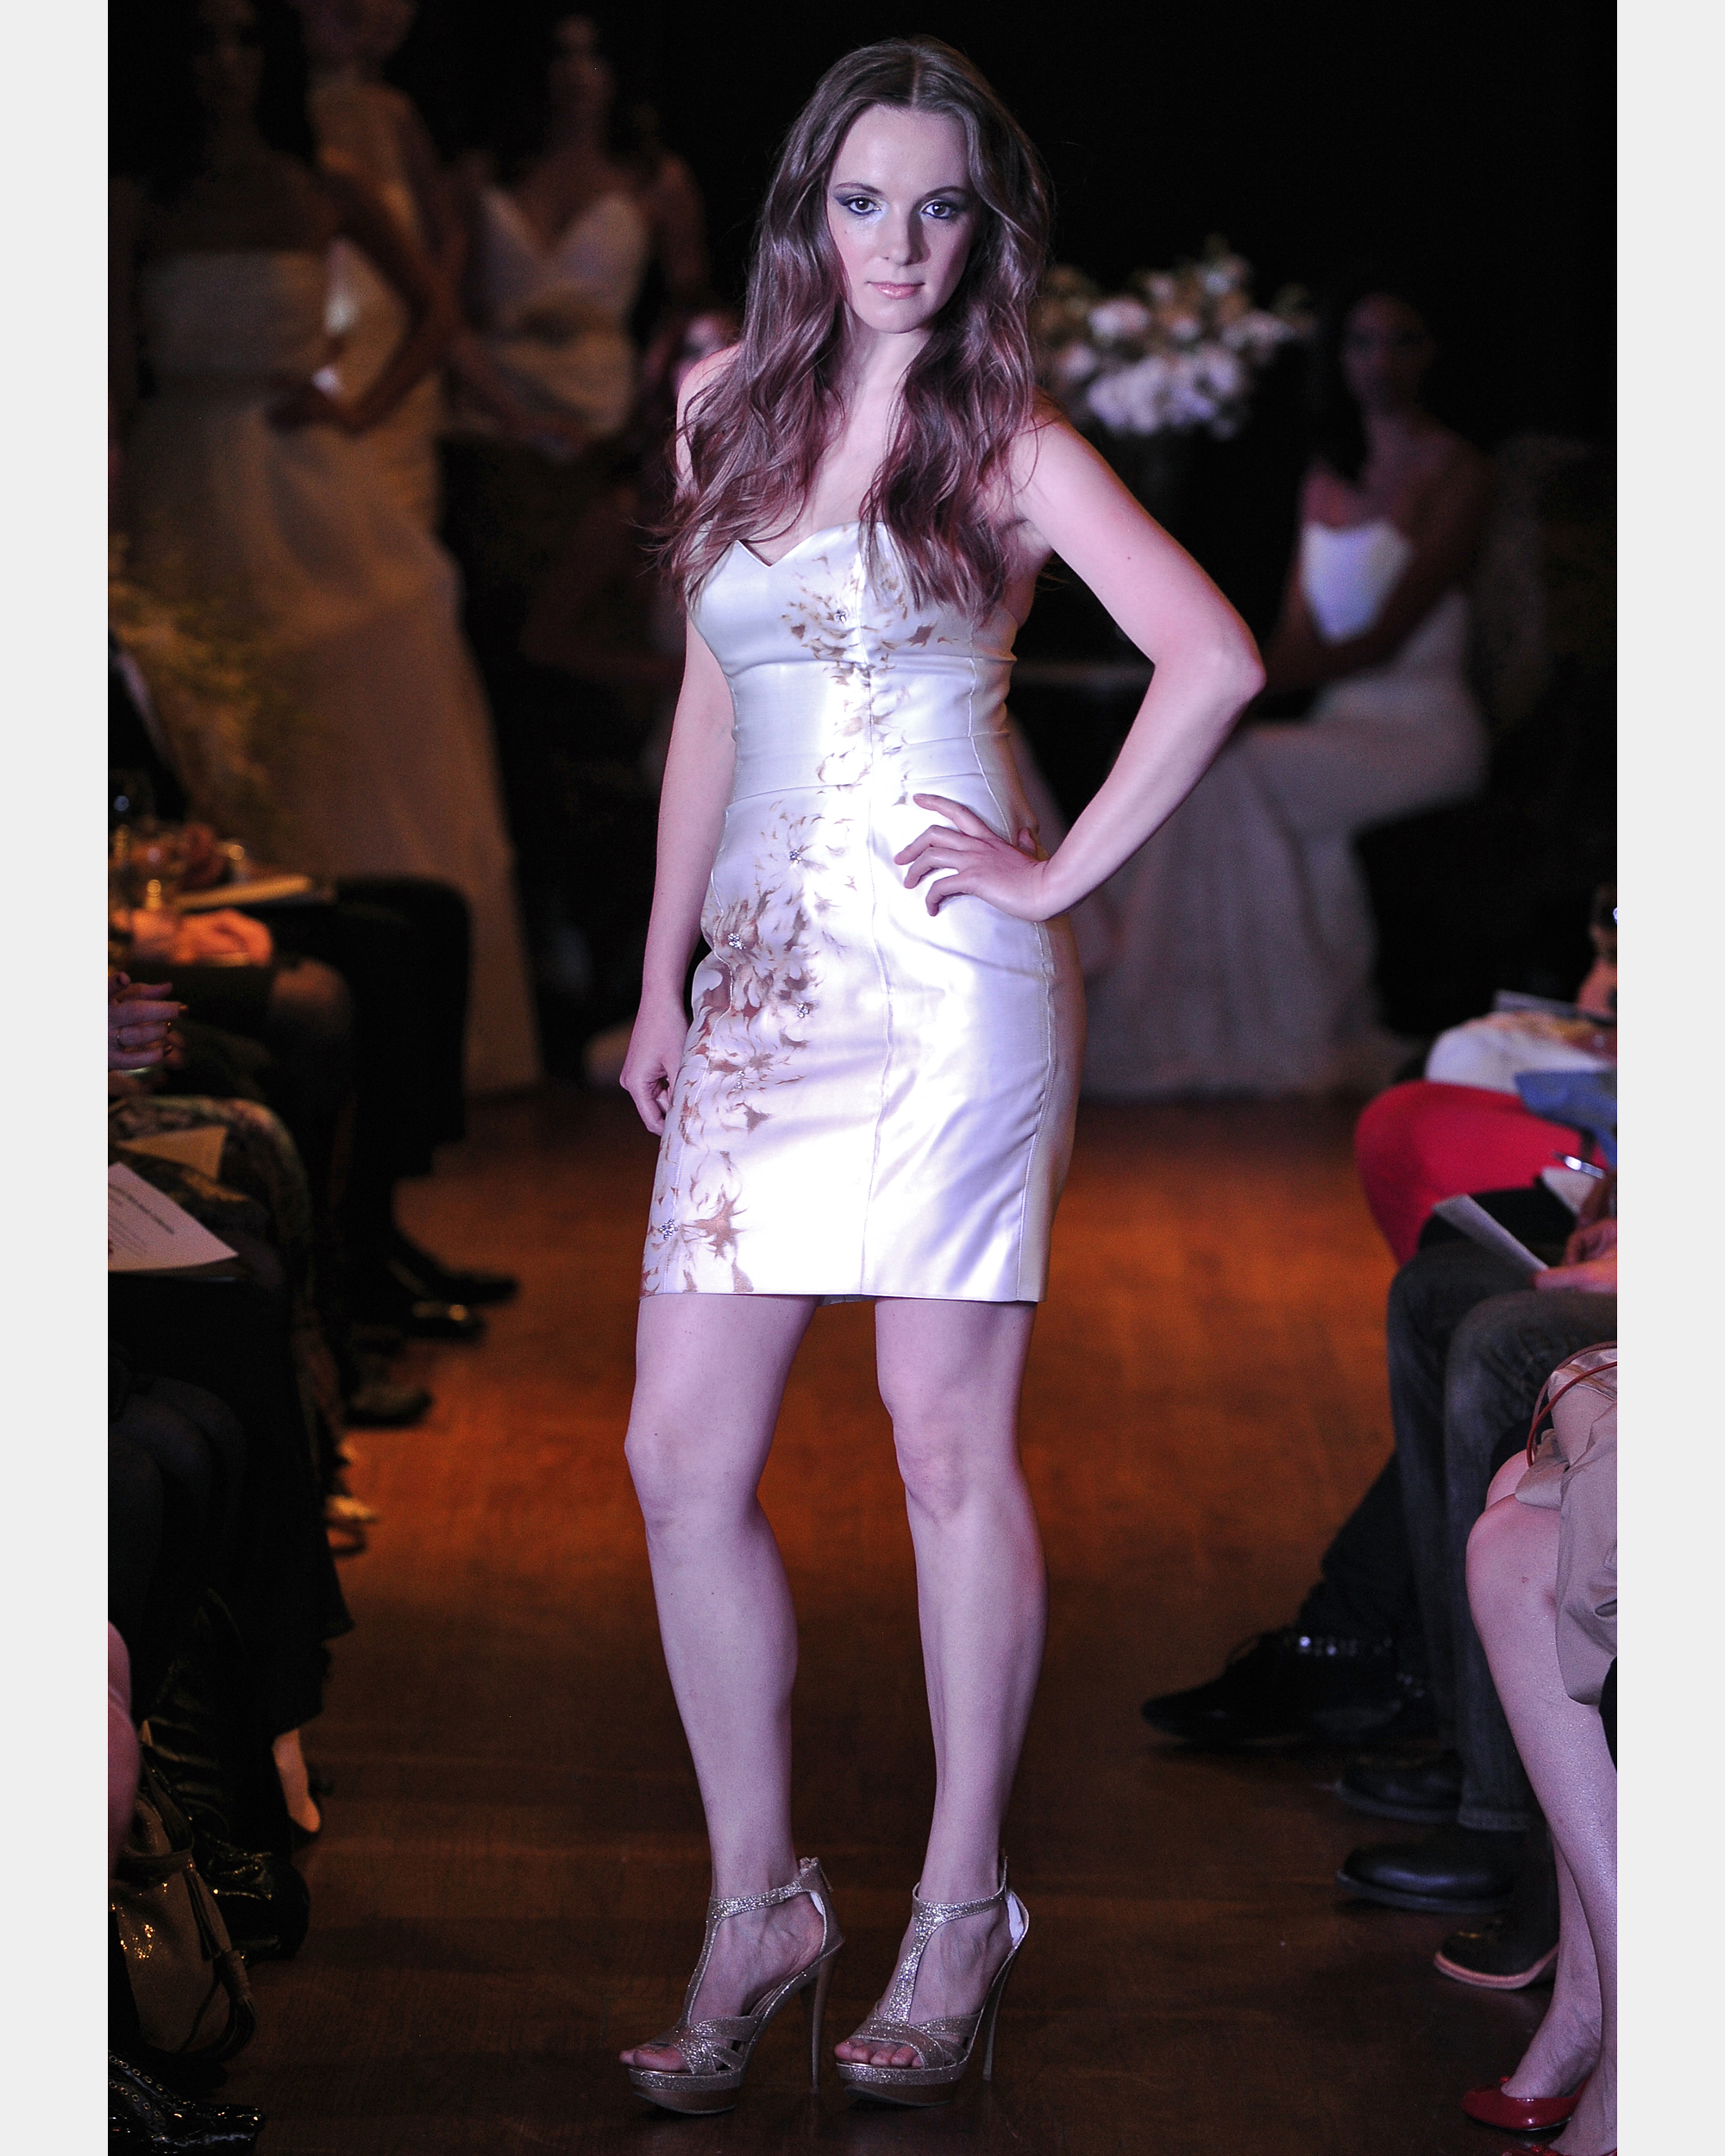 sarah-jessir-fall2012-wd108019-011.jpg